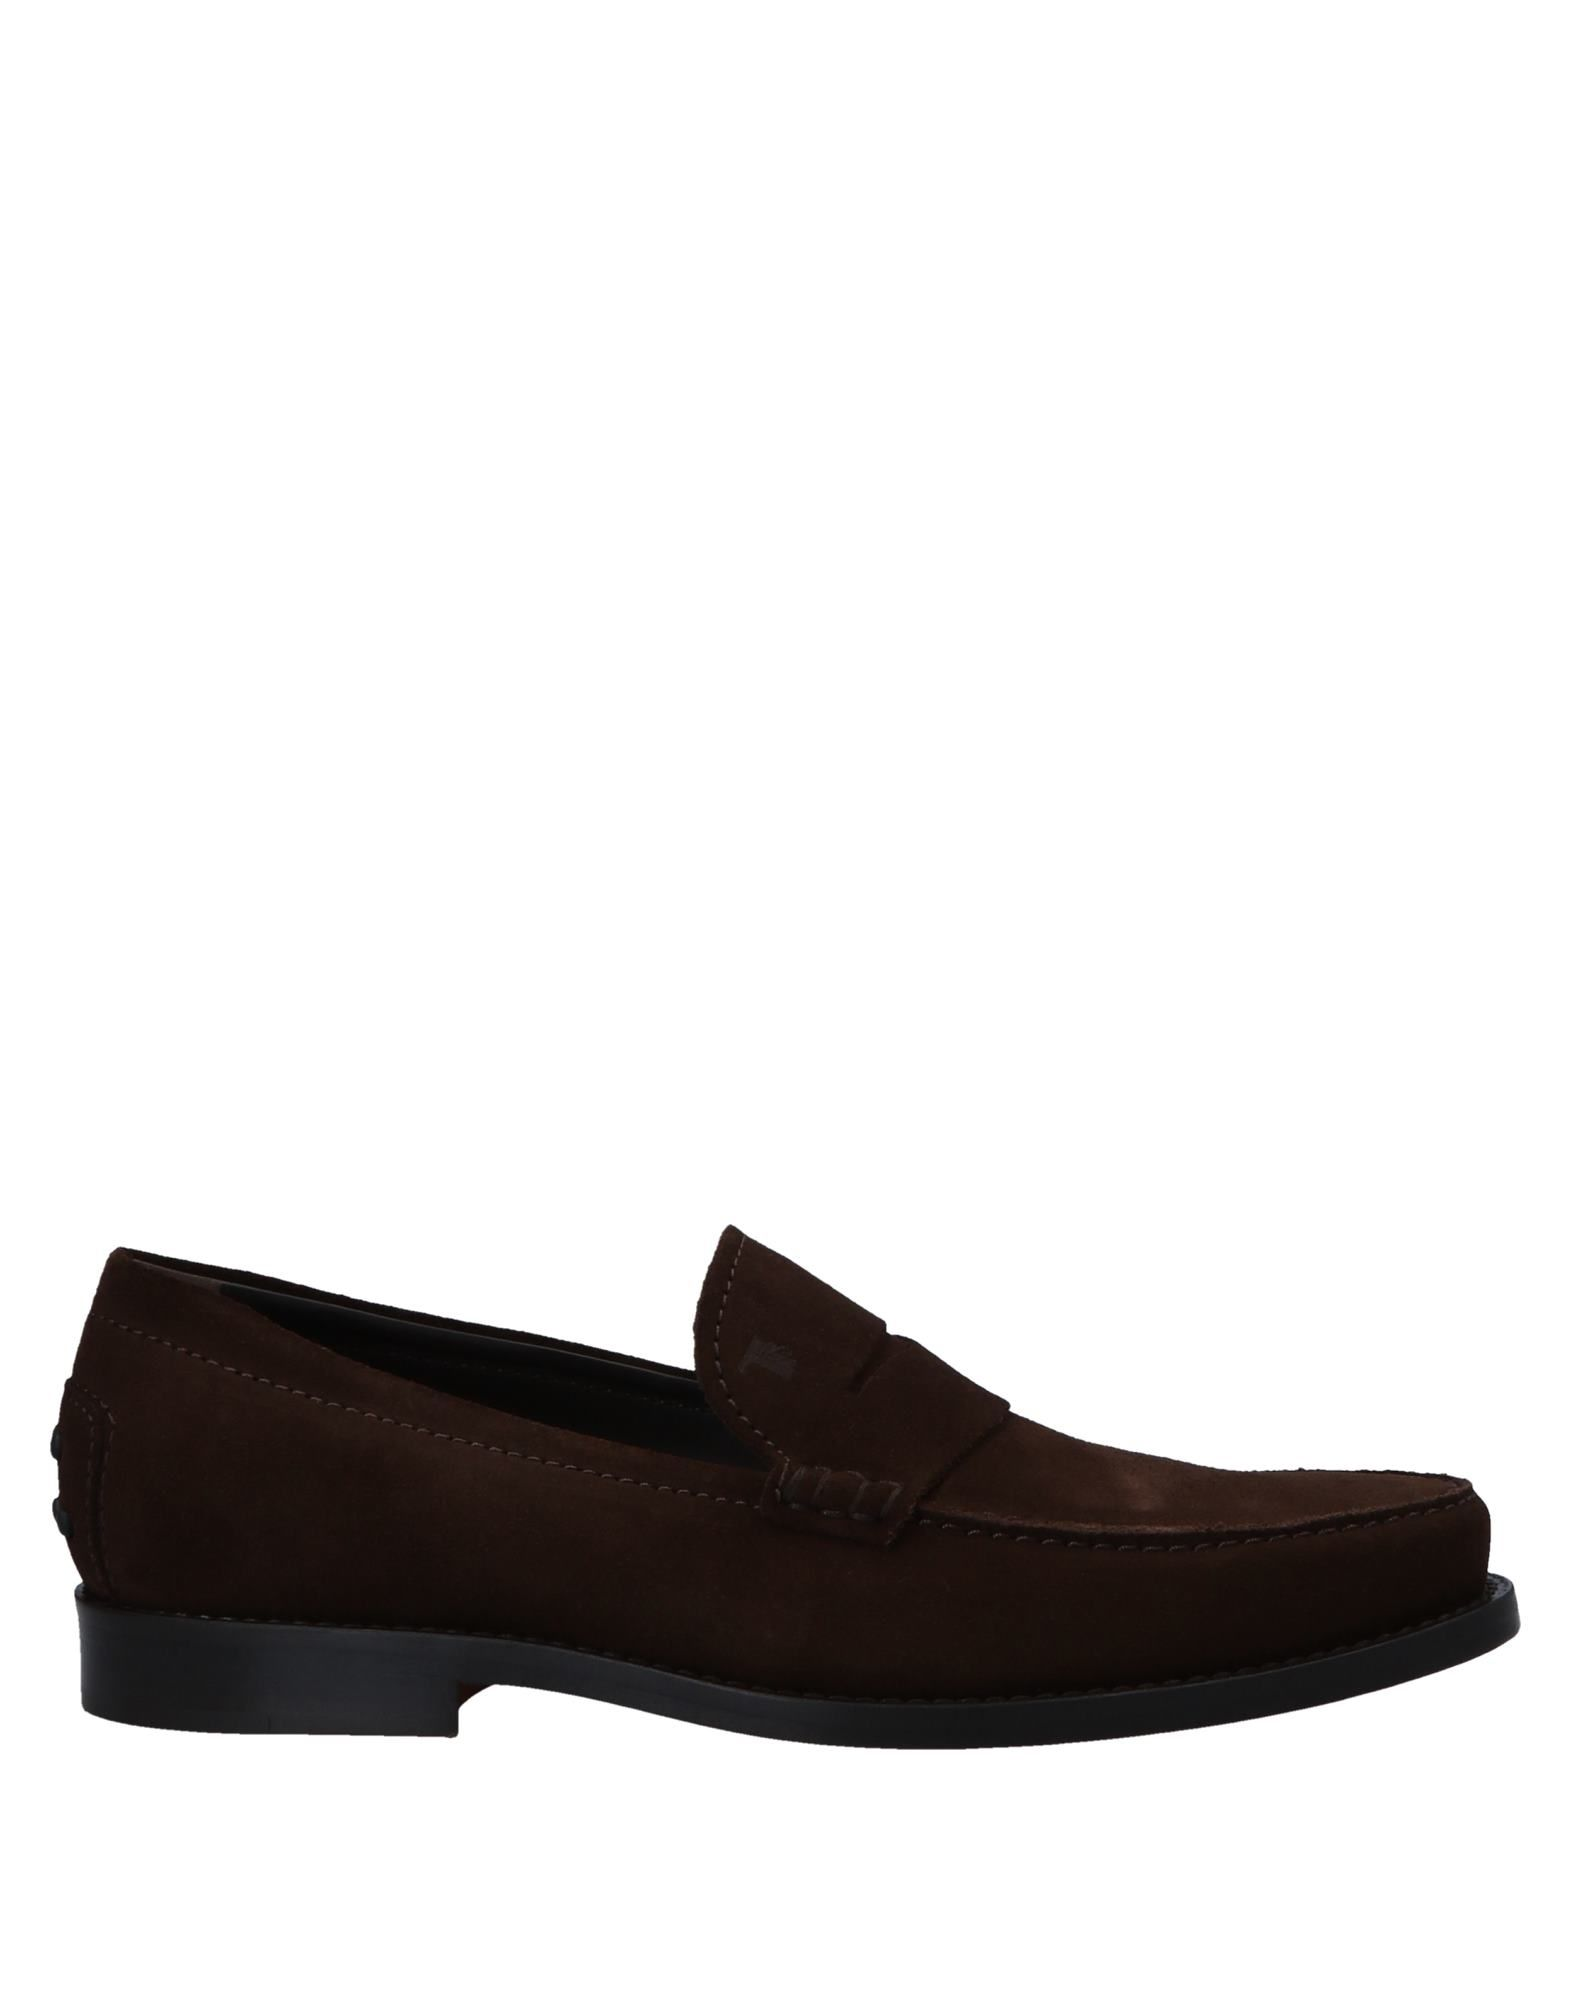 Tod's Mokassins Herren  11548439PK Gute Qualität beliebte Schuhe